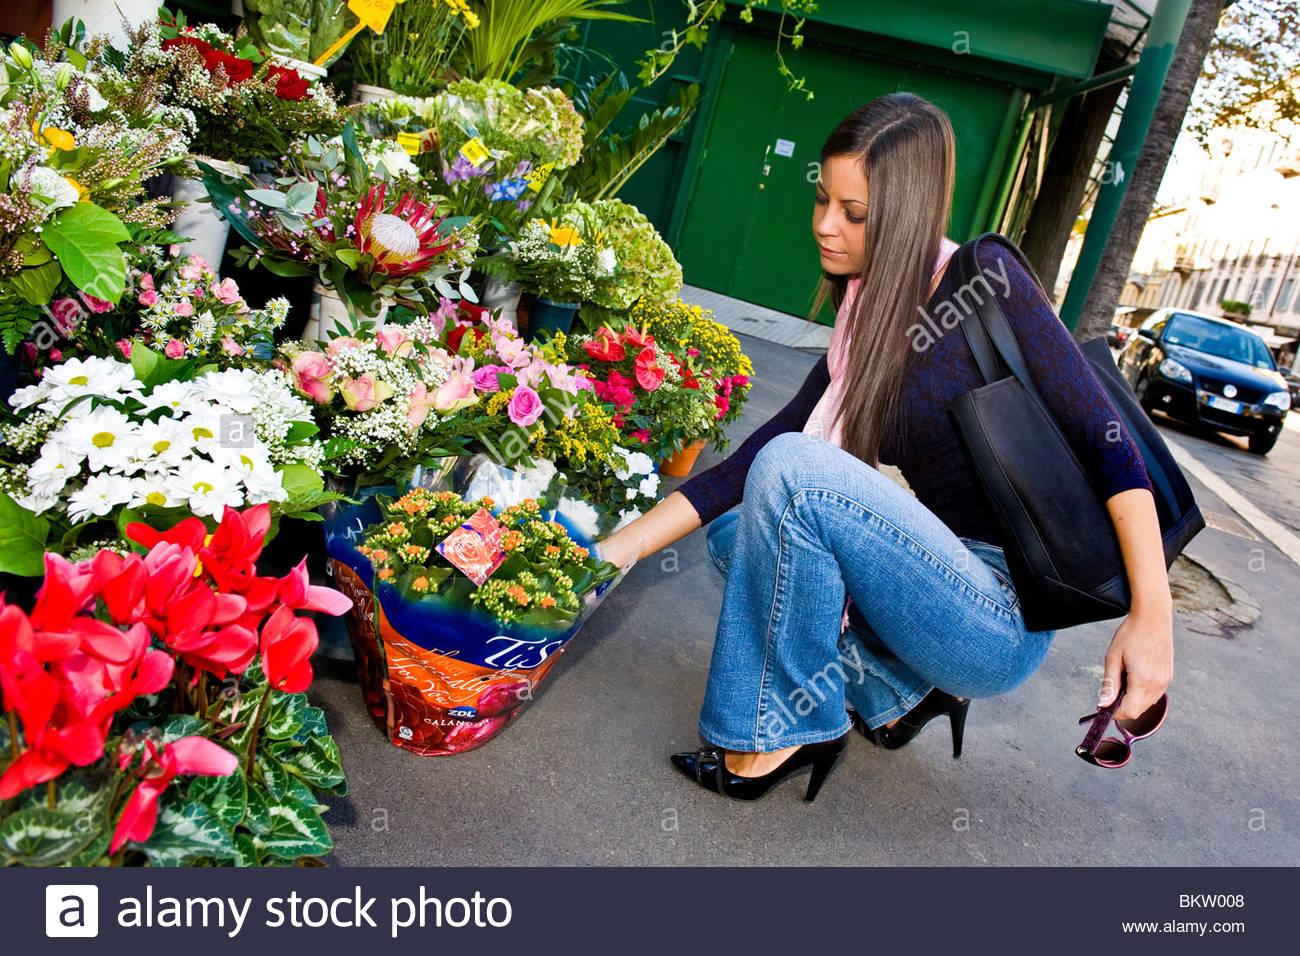 La donna acquista una pianta da un fioraio Immagini Stock